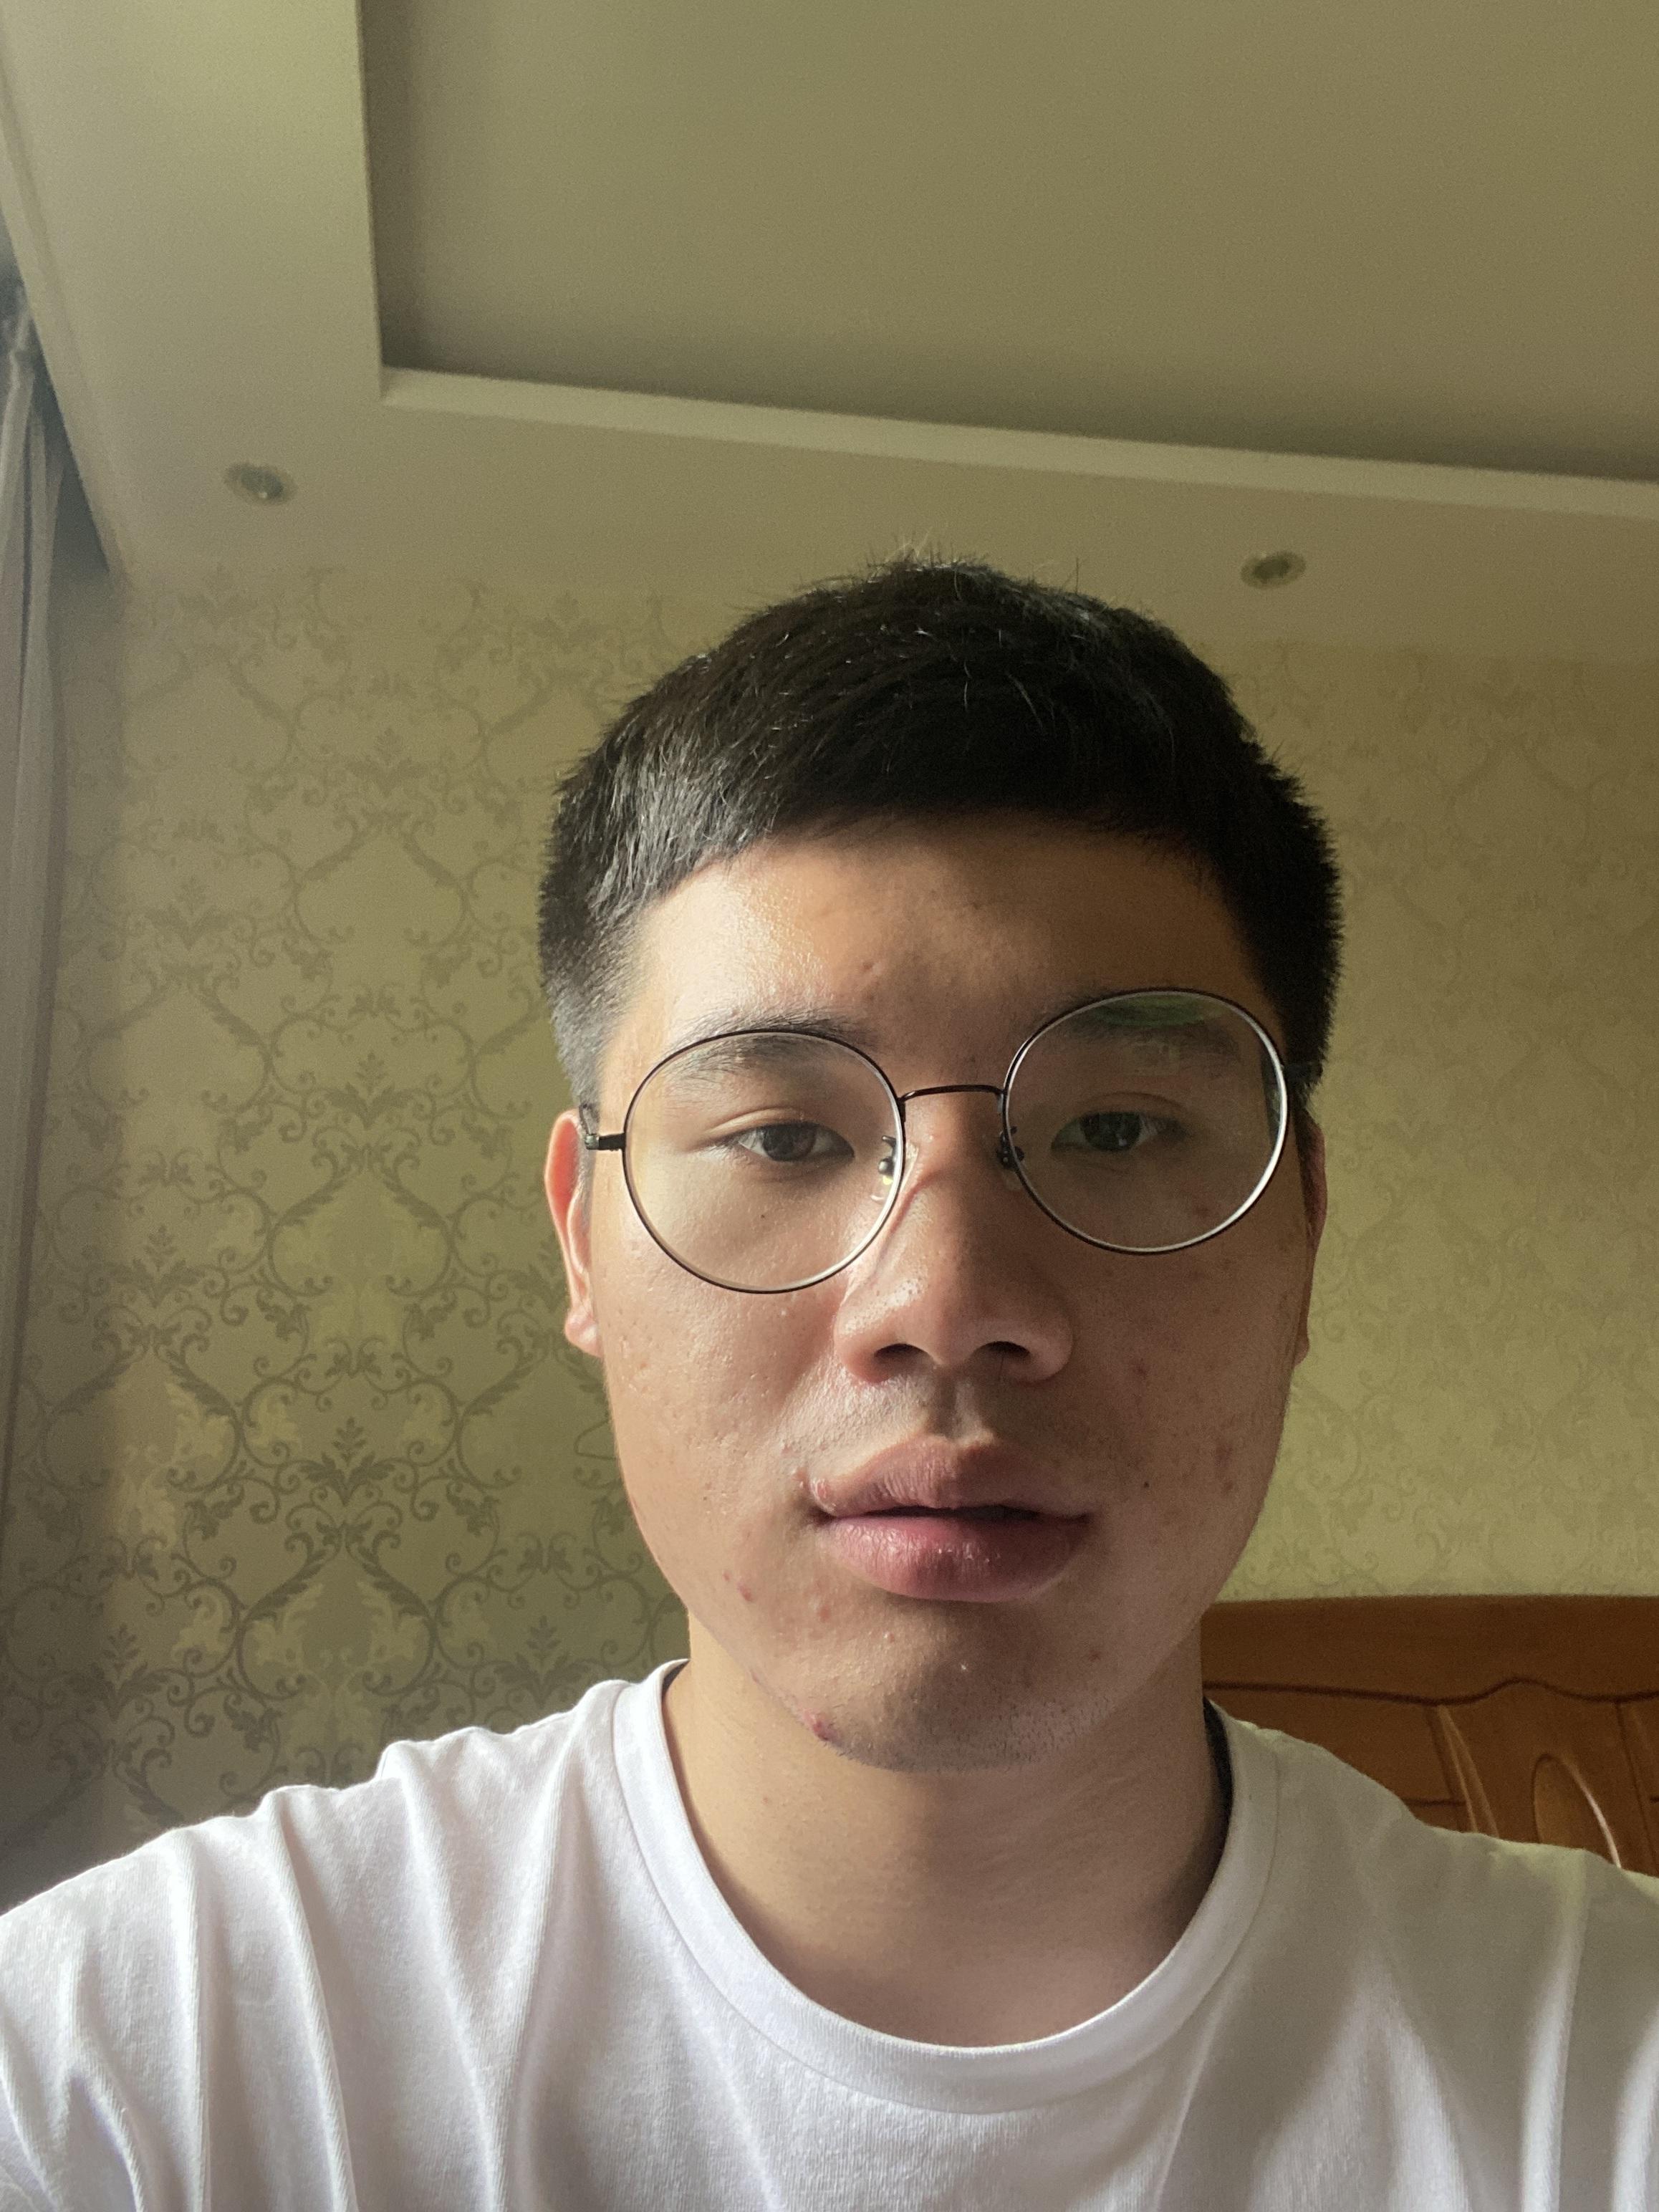 杭州家教沈教员